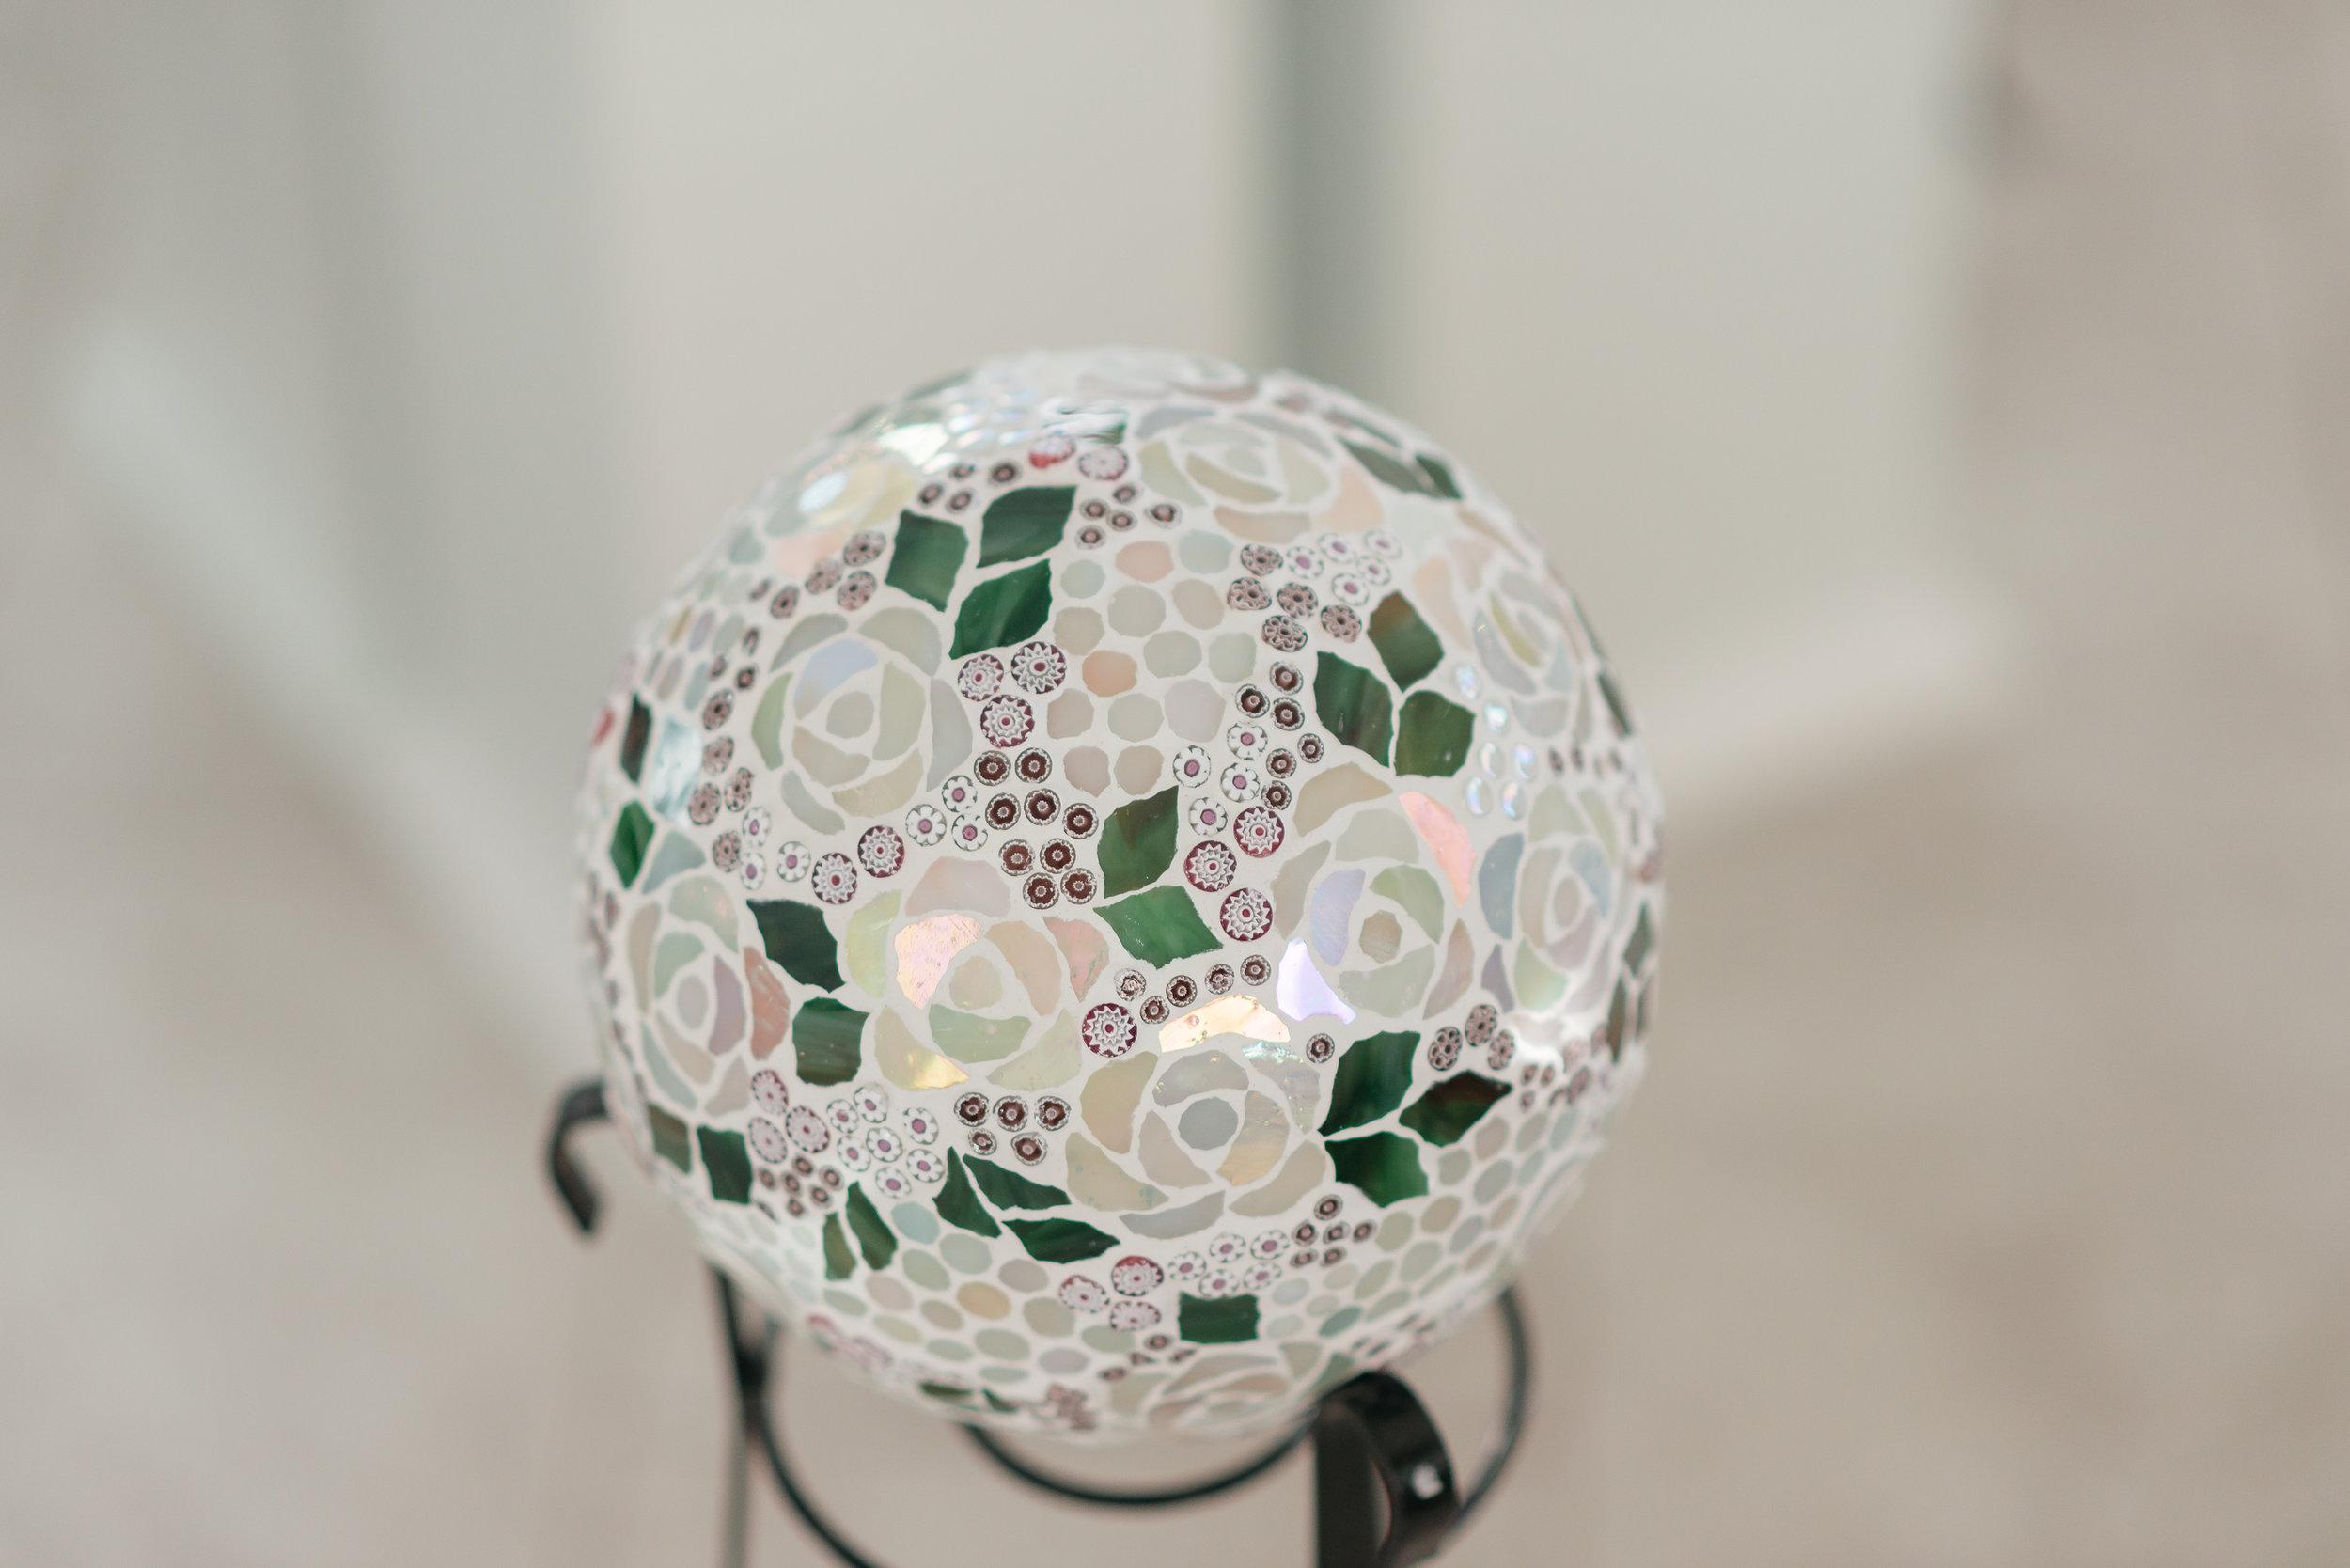 TA_vihreävalkpallo-0309.jpg